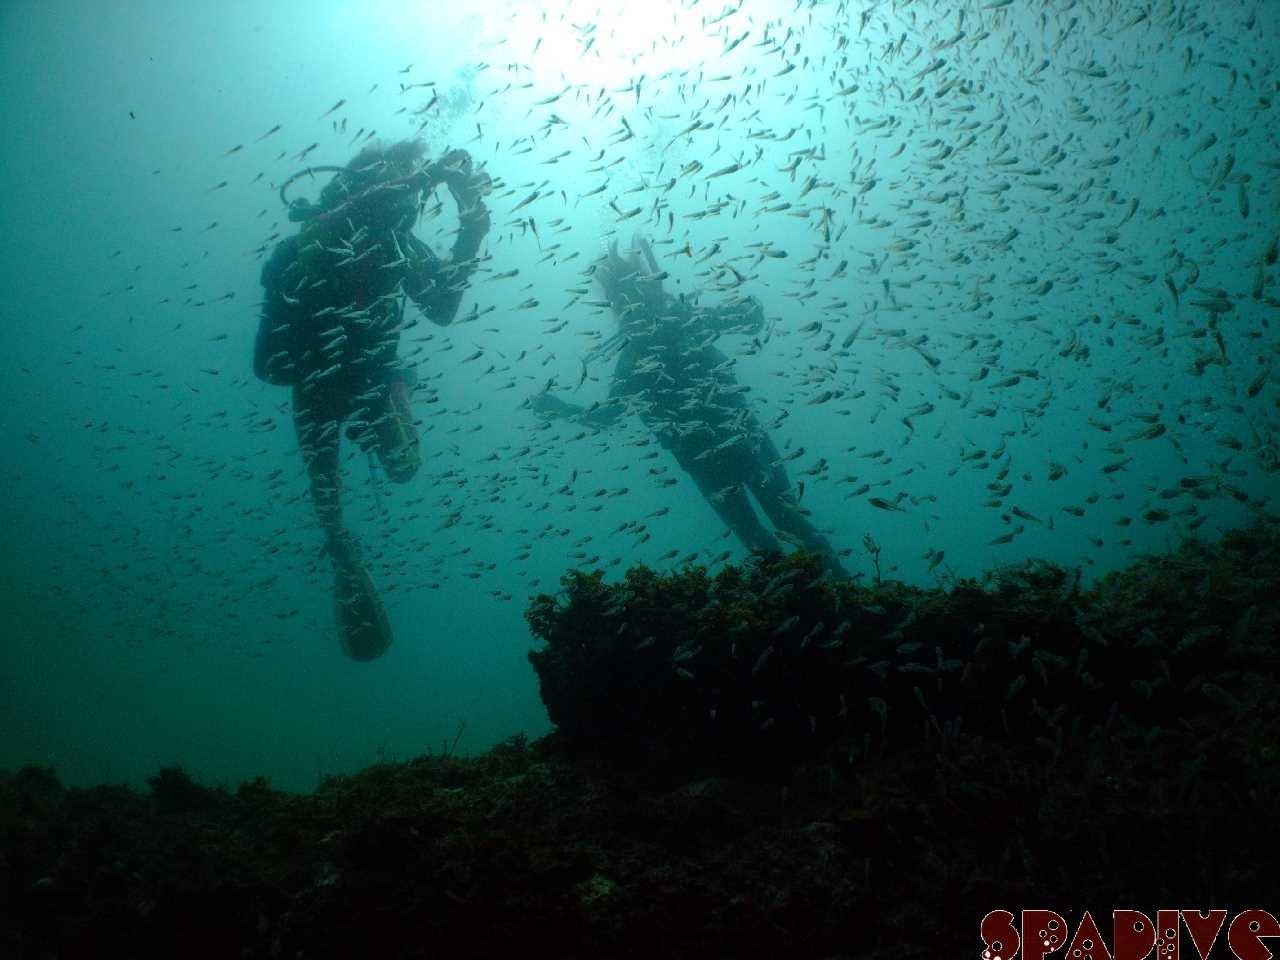 色津/沈船ボートダイブ スノーケリング&体験ダイビング 8/9/2010